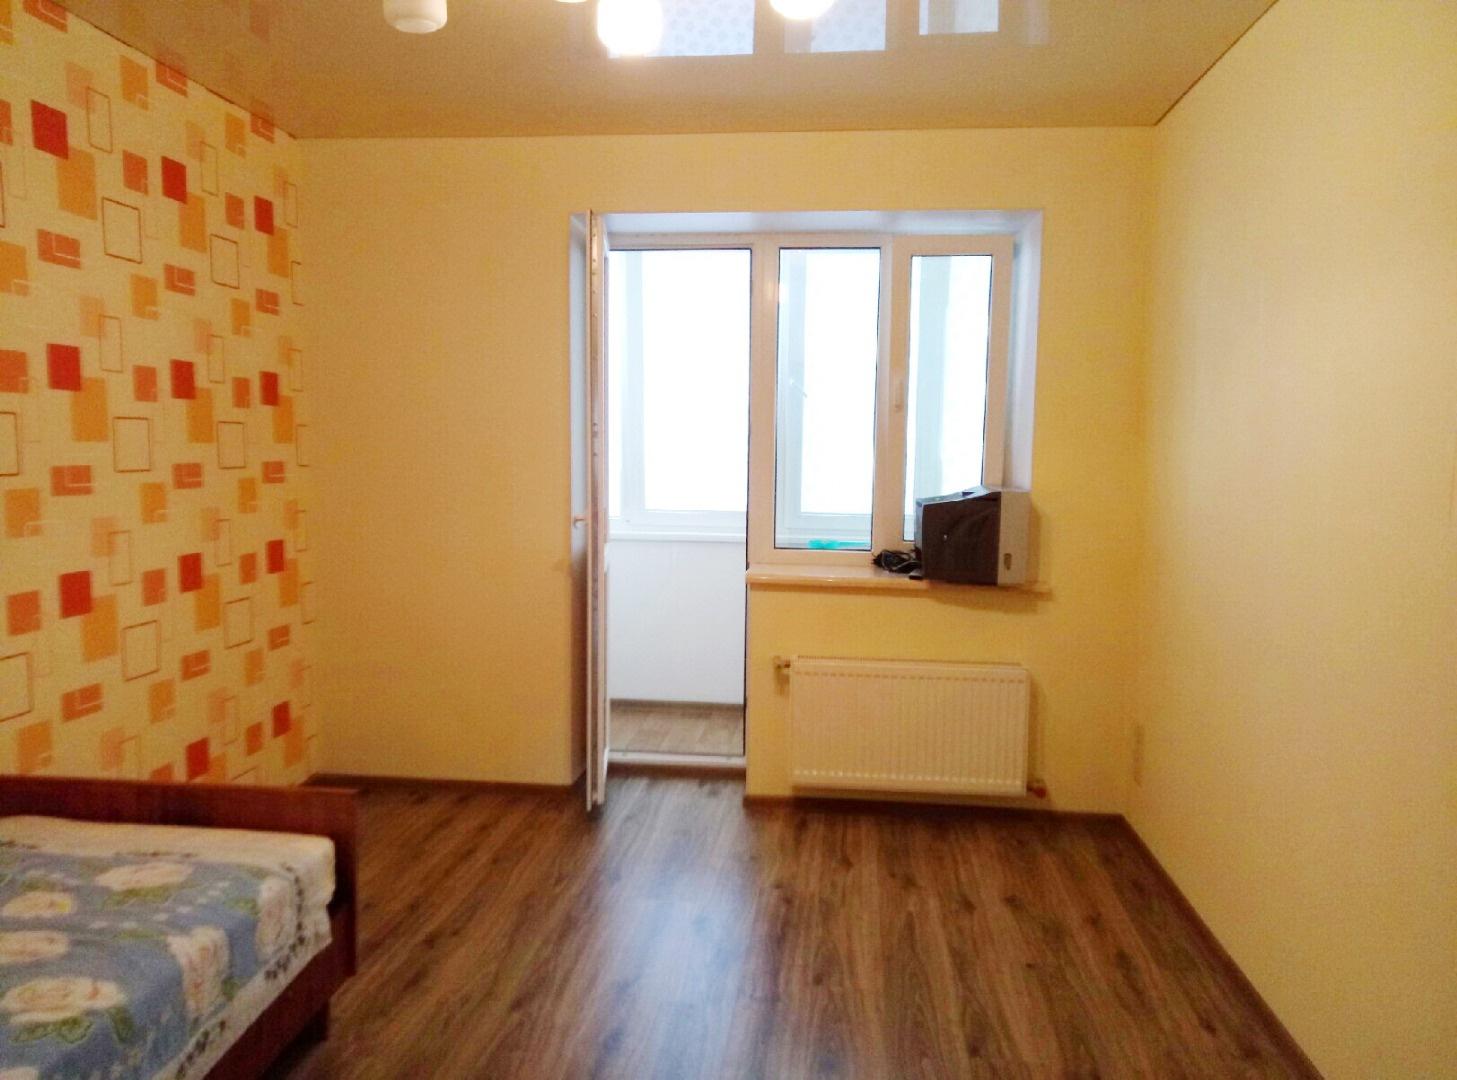 Продается 3-комнатная квартира на ул. Марсельская — 89 000 у.е. (фото №7)